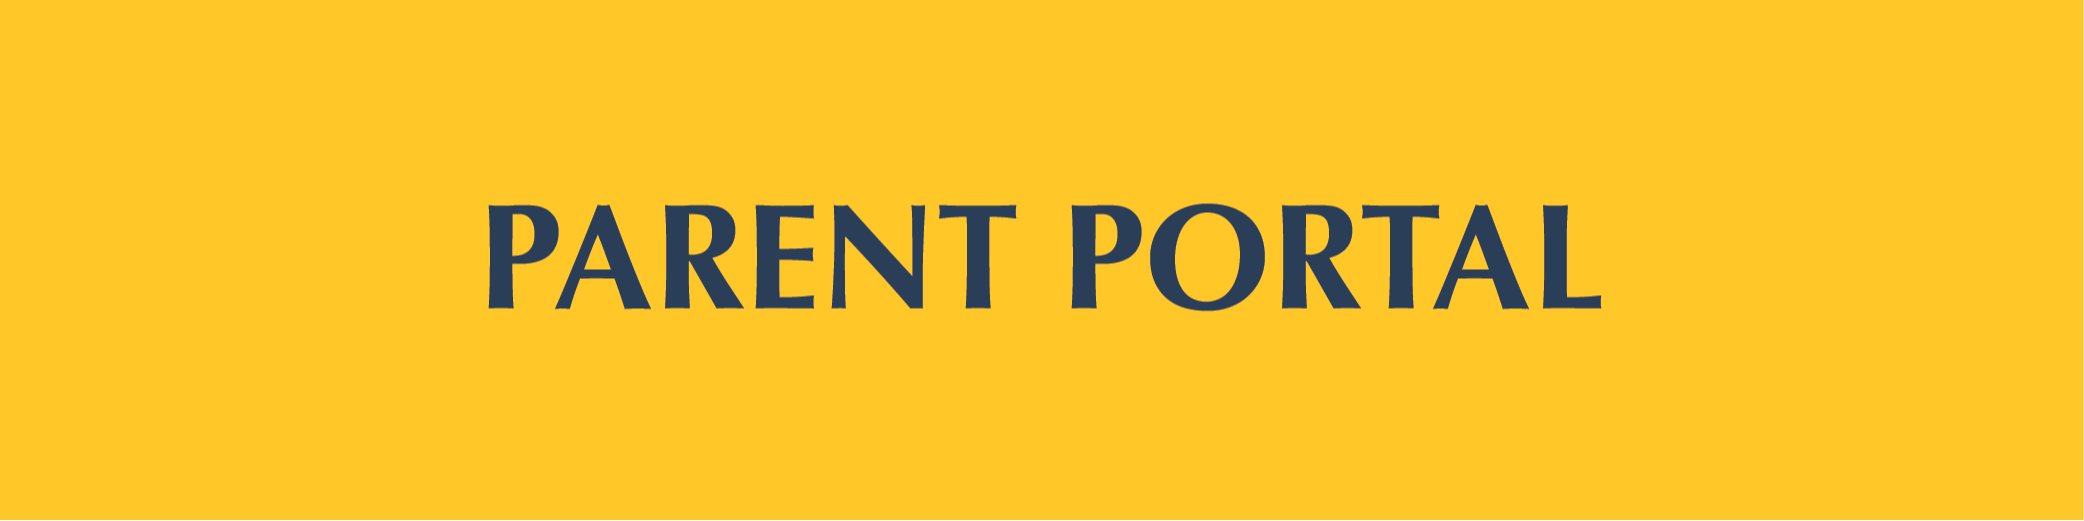 active-parent-portal